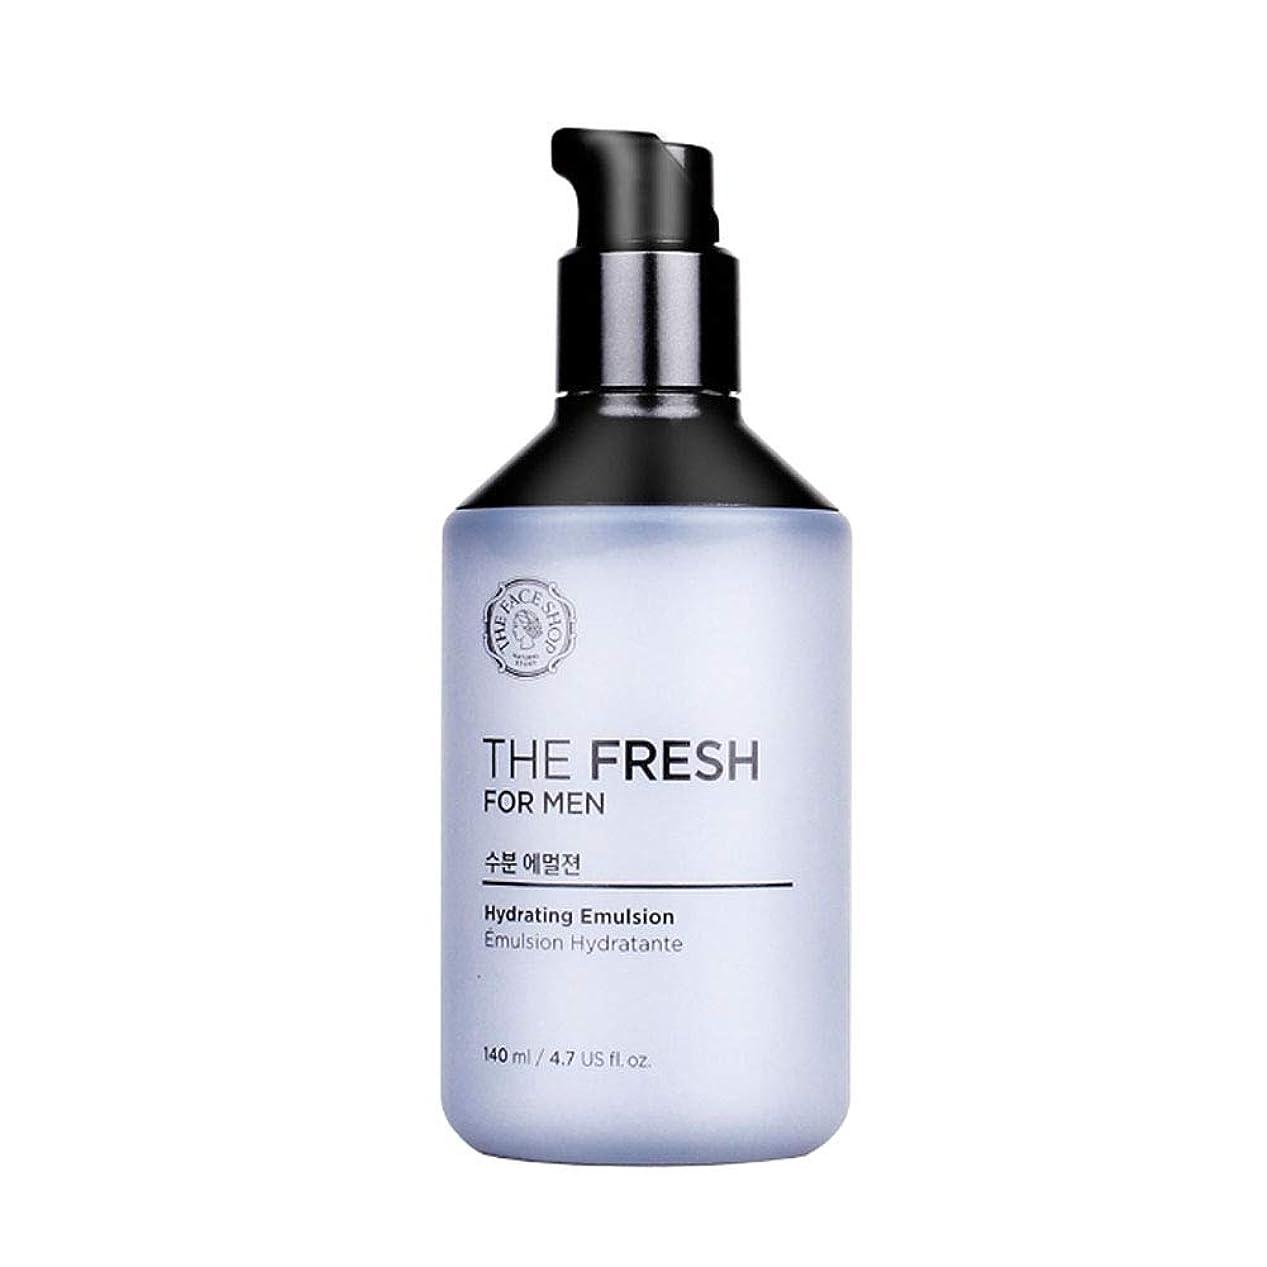 突然ピュー始まりザ?フェイスショップザ?フレッシュフォーマン水分エマルジョン140mlメンズコスメ、The Face Shop The Fresh For Men Hydrating Emulsion 140ml Men's Cosmetics [並行輸入品]